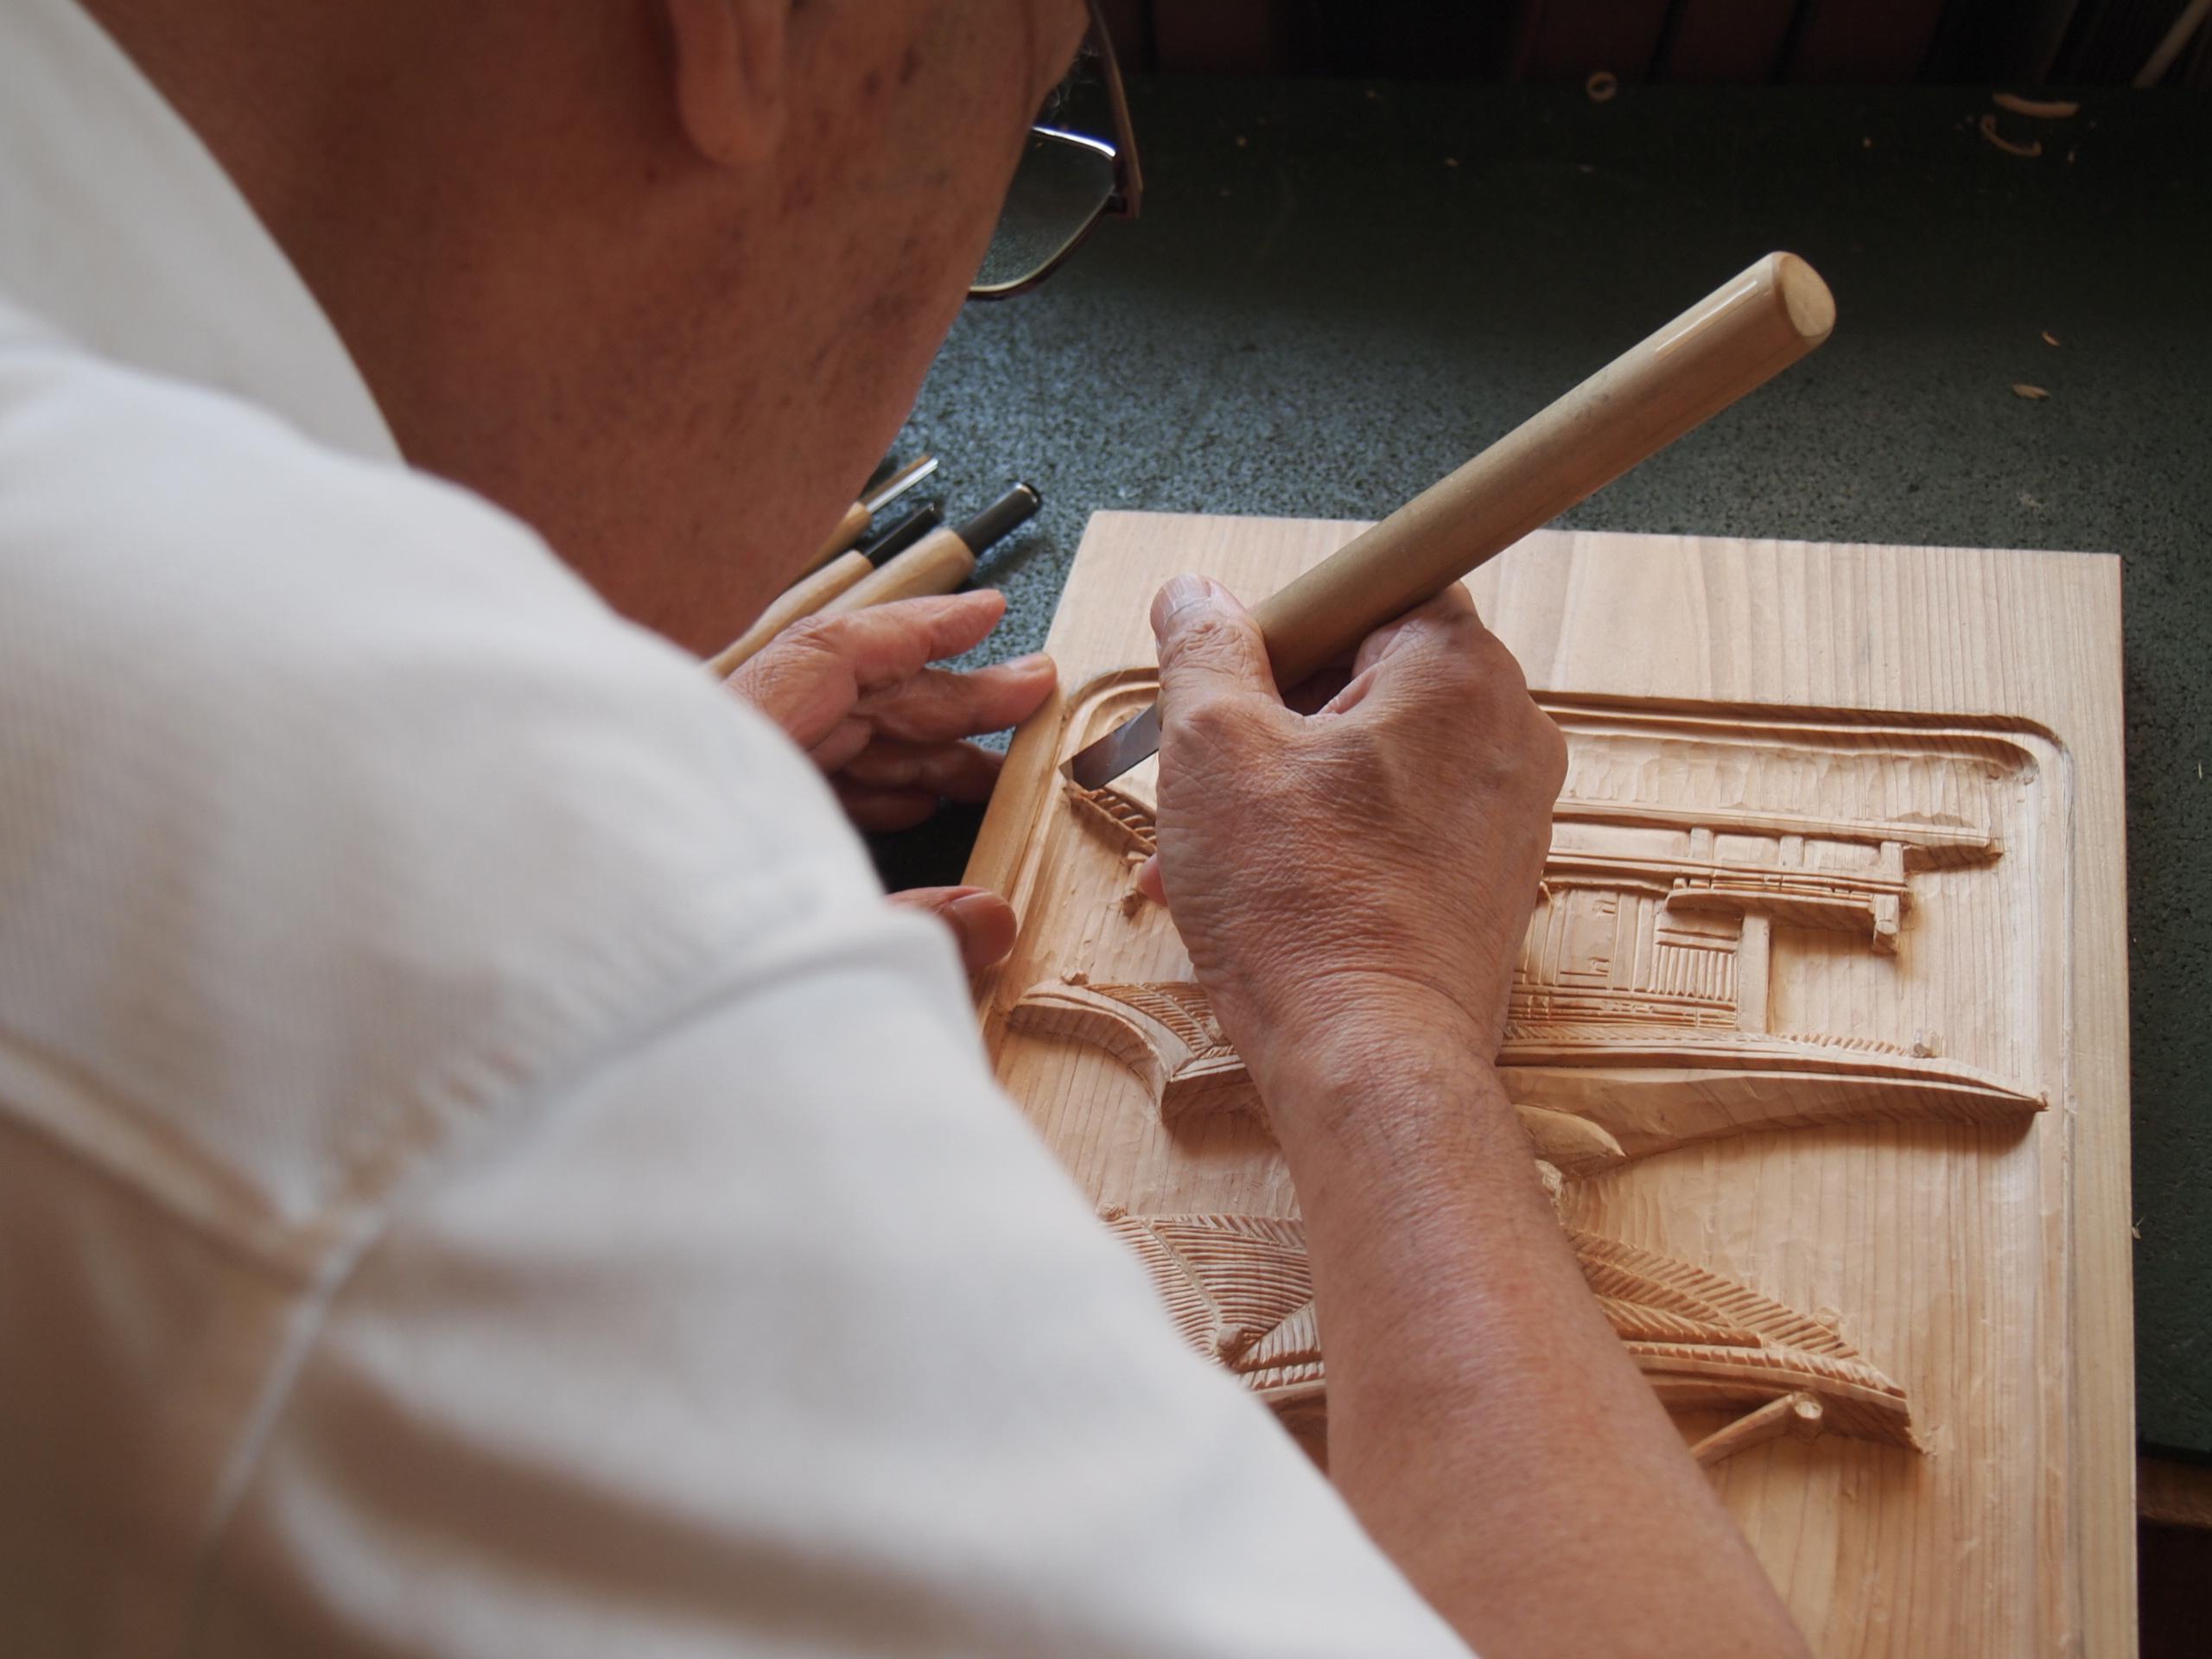 通期:香川県伝統工芸士に学ぶ やさしい木彫り教室【水曜クラス】 10月16日~